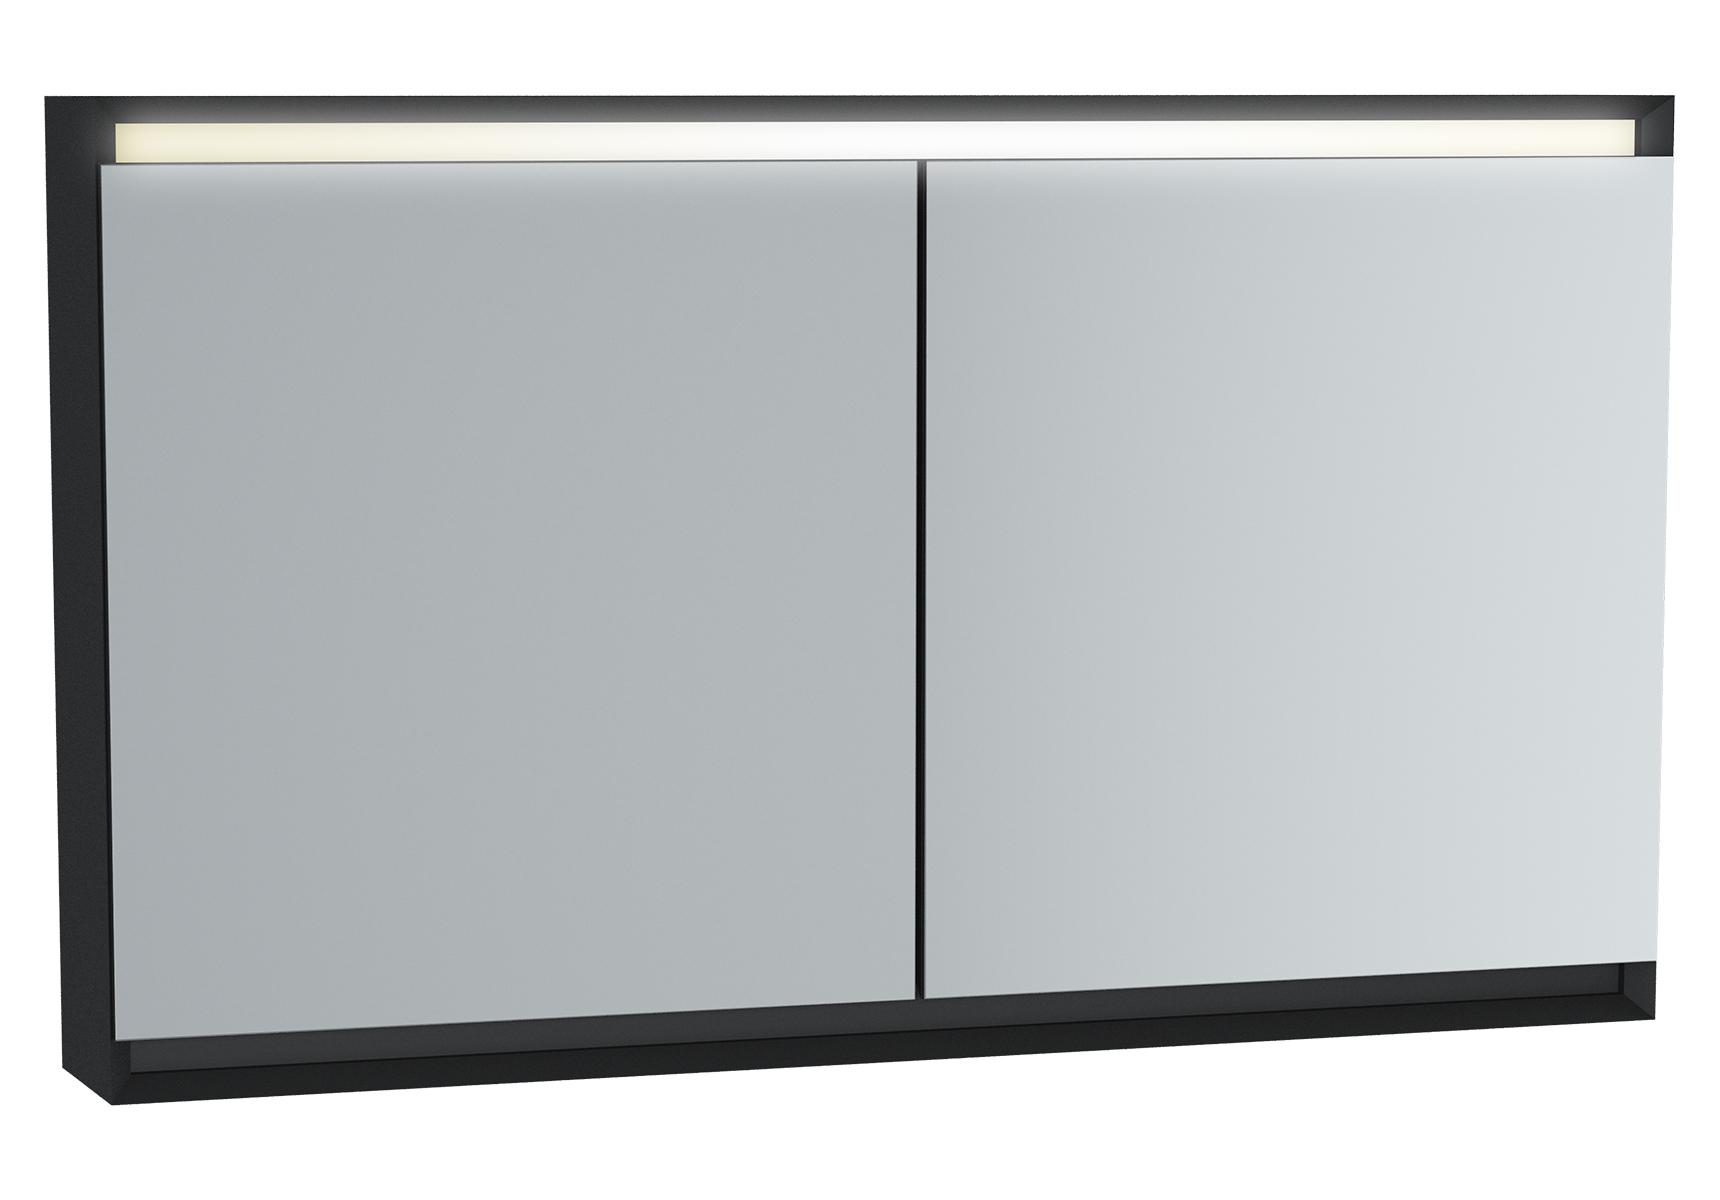 Frame armoire de toilette, 120 cm, éclairage LED horizontale, 2 portes, mat noir